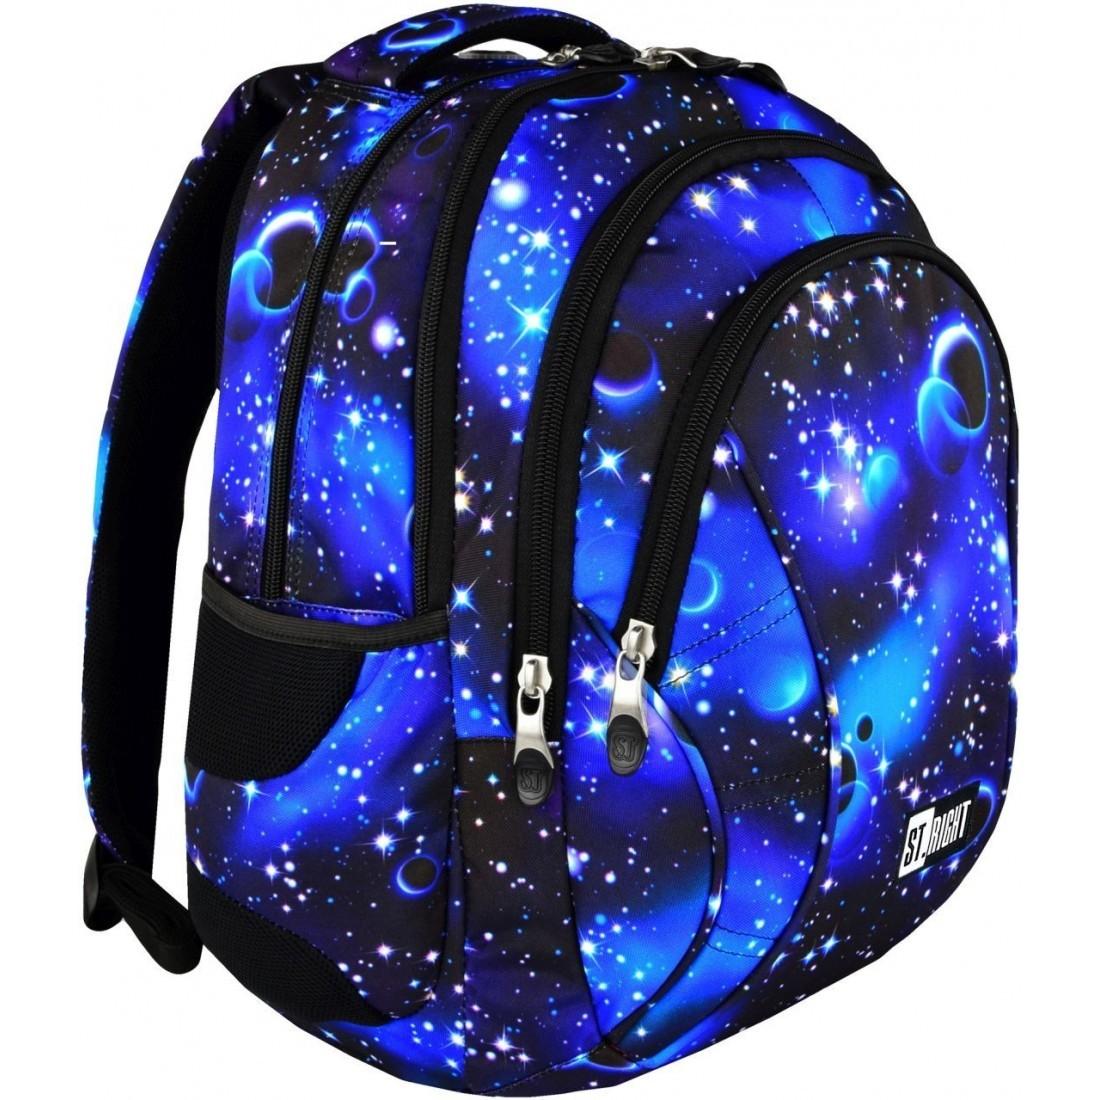 d8e9896b888a8 Plecak szkolny ST.RIGHT COSMOS galaktyka niebieski młodzieżowy HIT ...